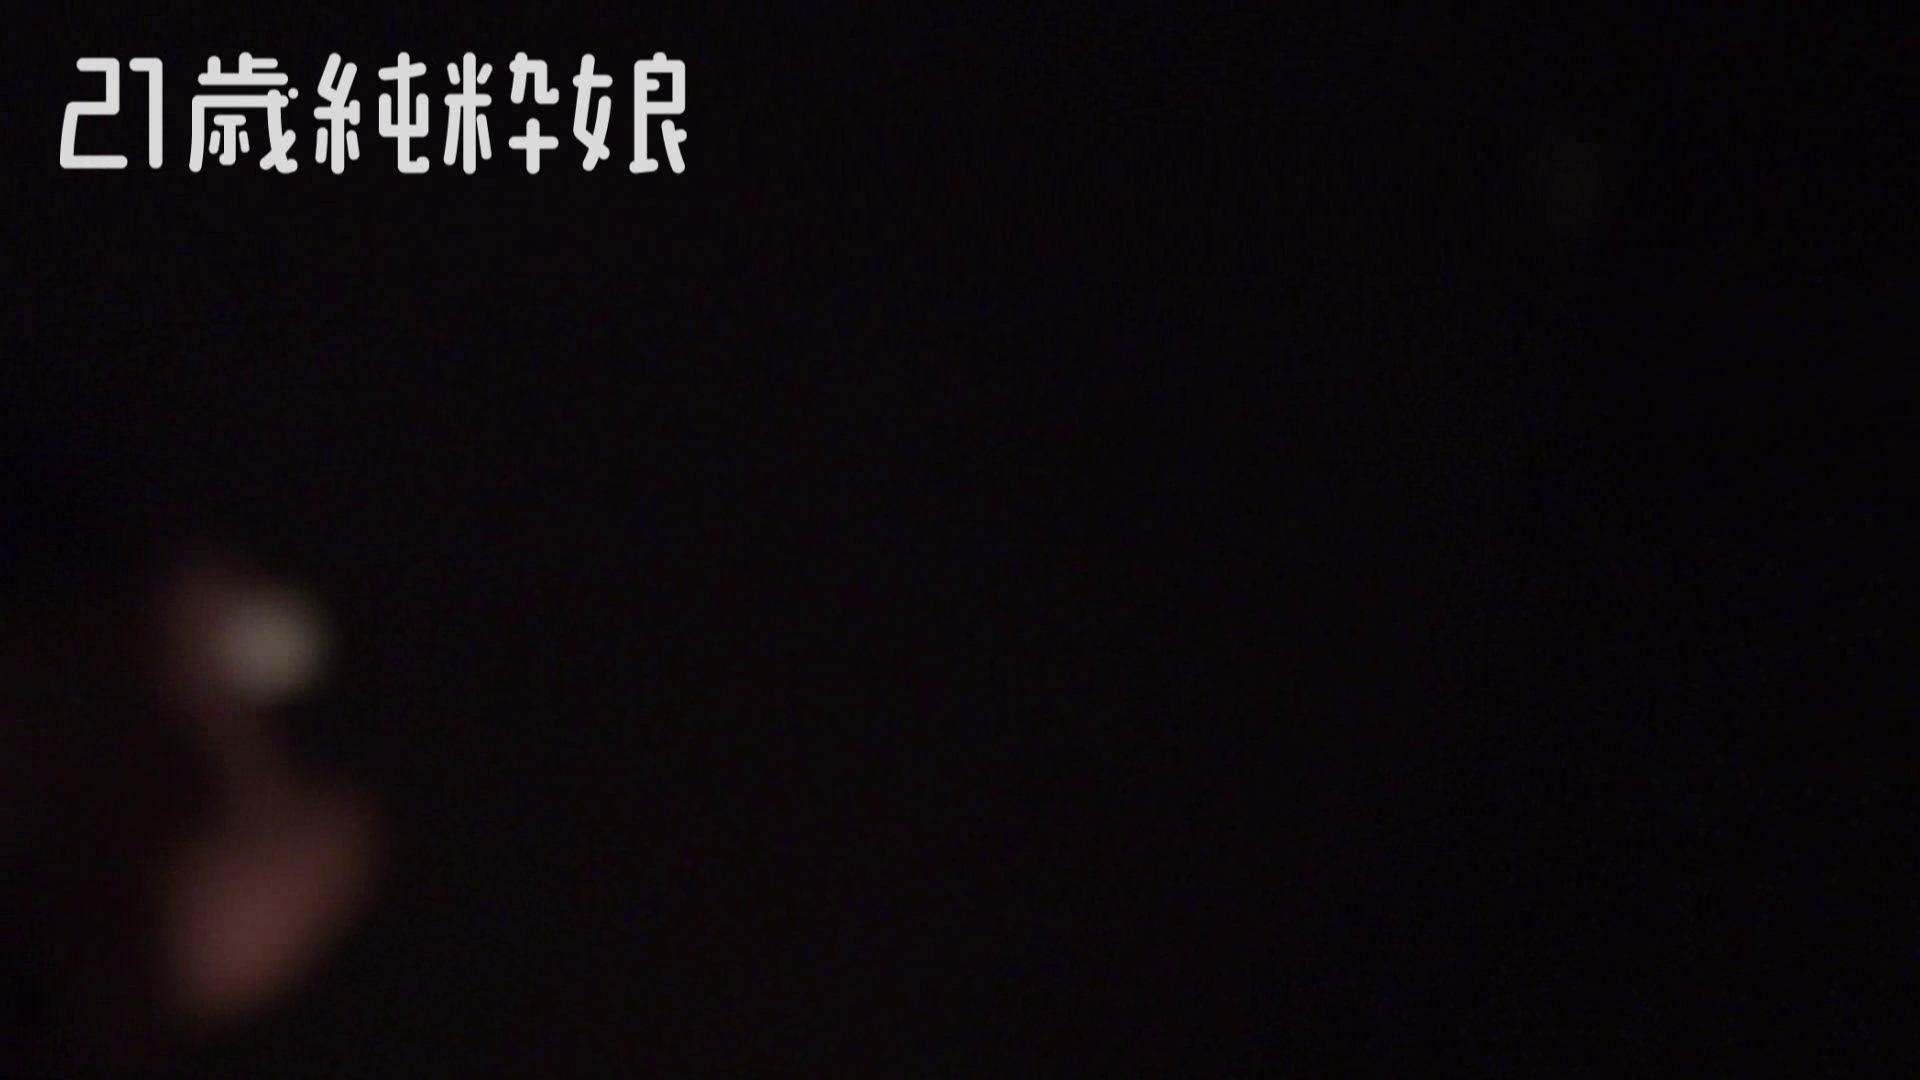 上京したばかりのGカップ21歳純粋嬢を都合の良い女にしてみた 投稿  52連発 1